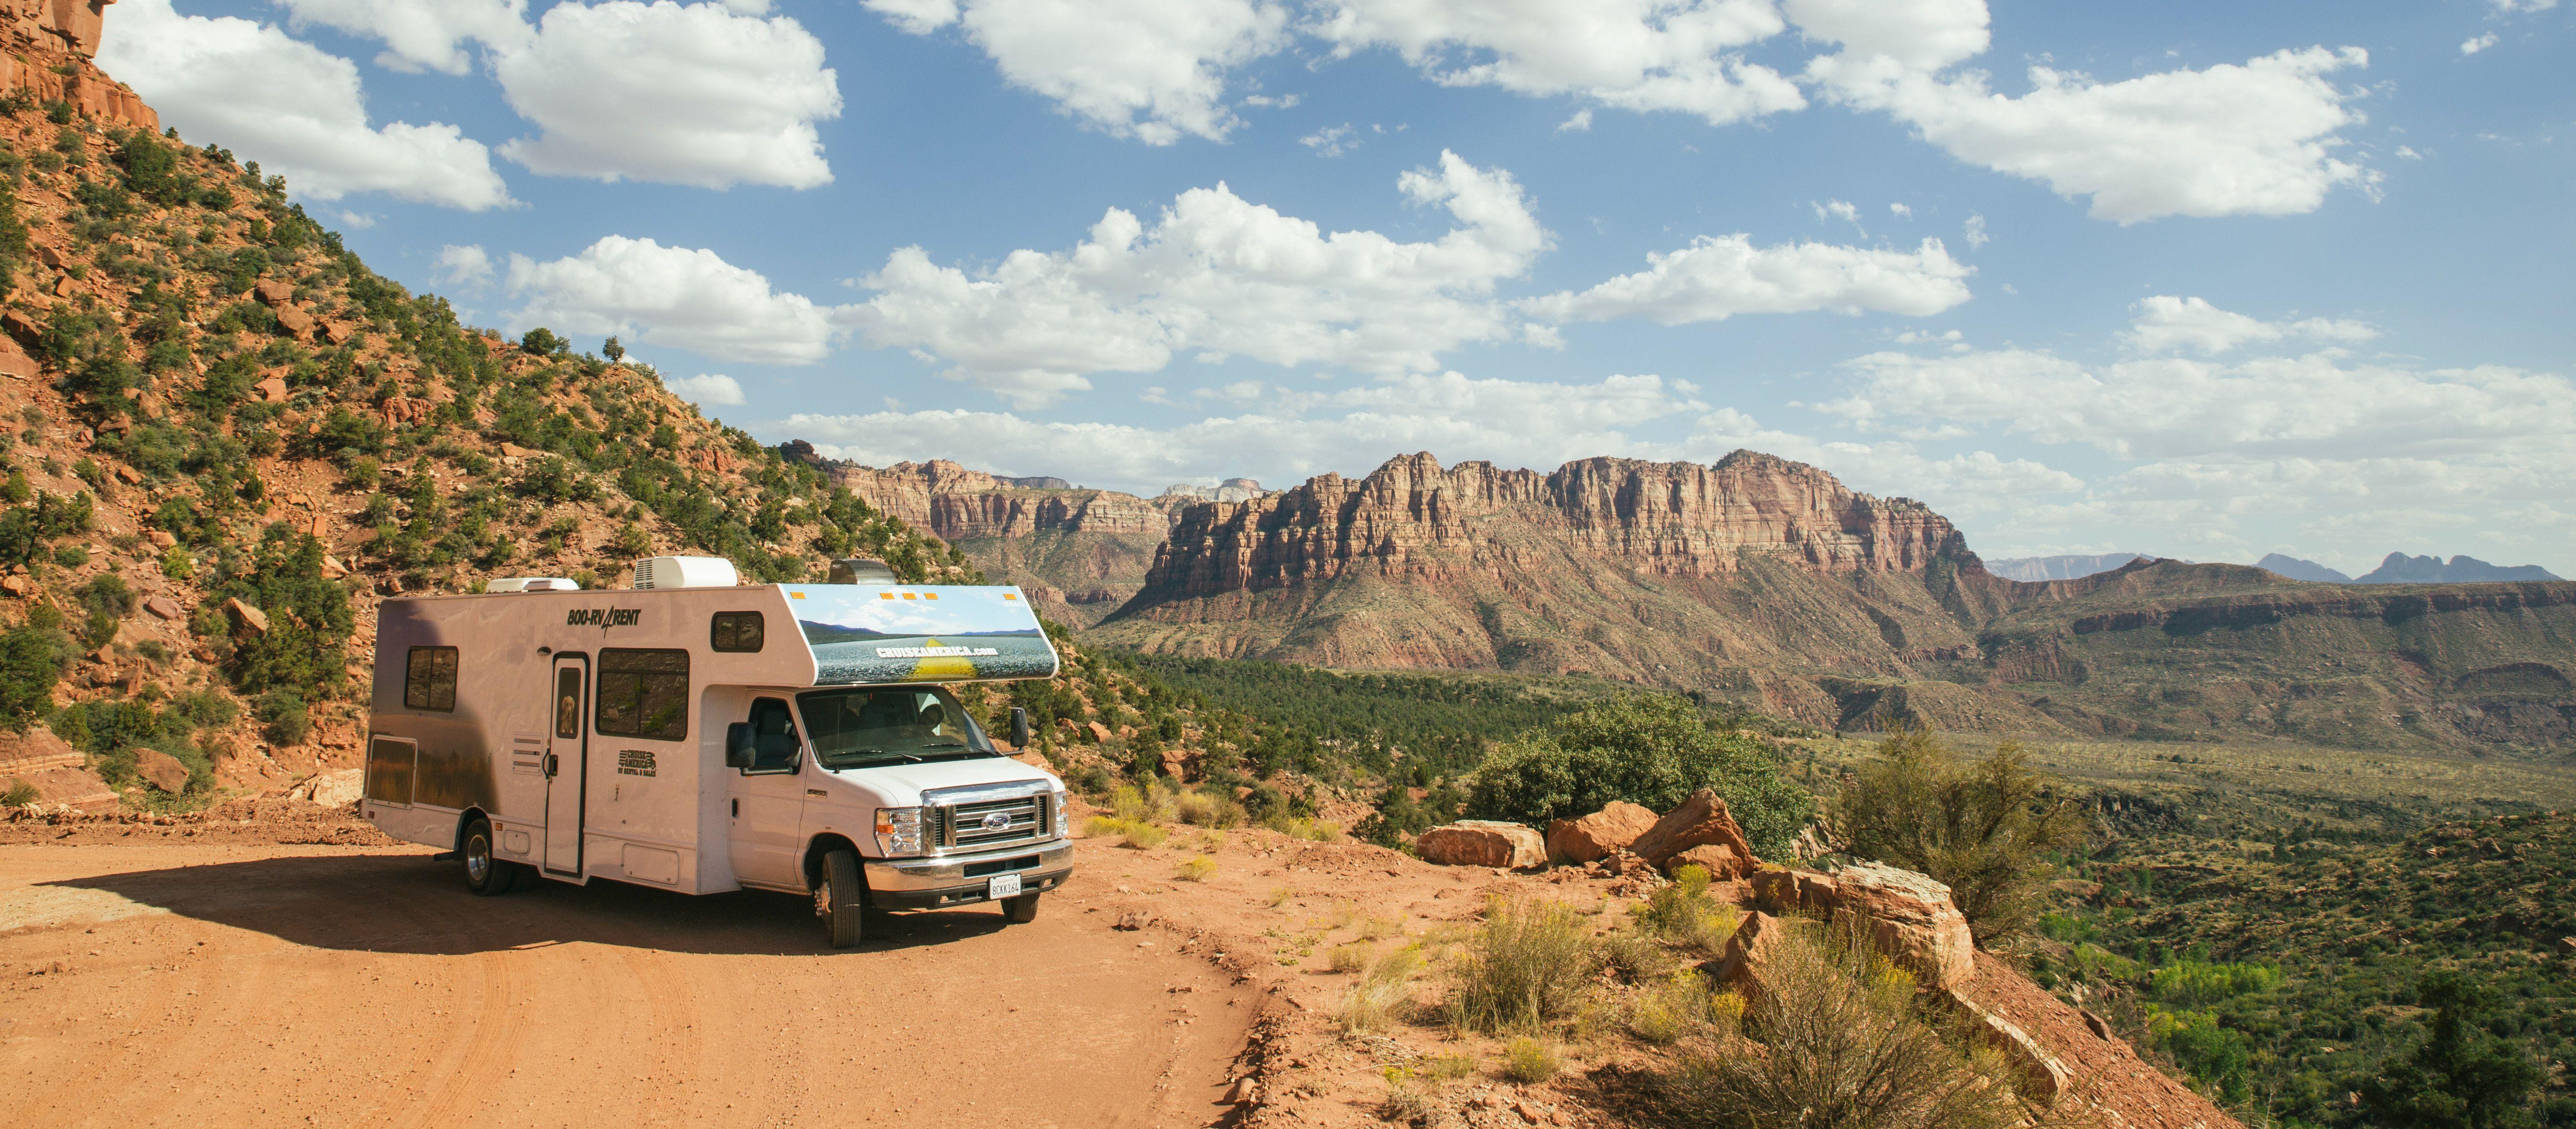 Mit dem Camper C30 von Cruise America den Ausblick über die Weiten Utahs genießen